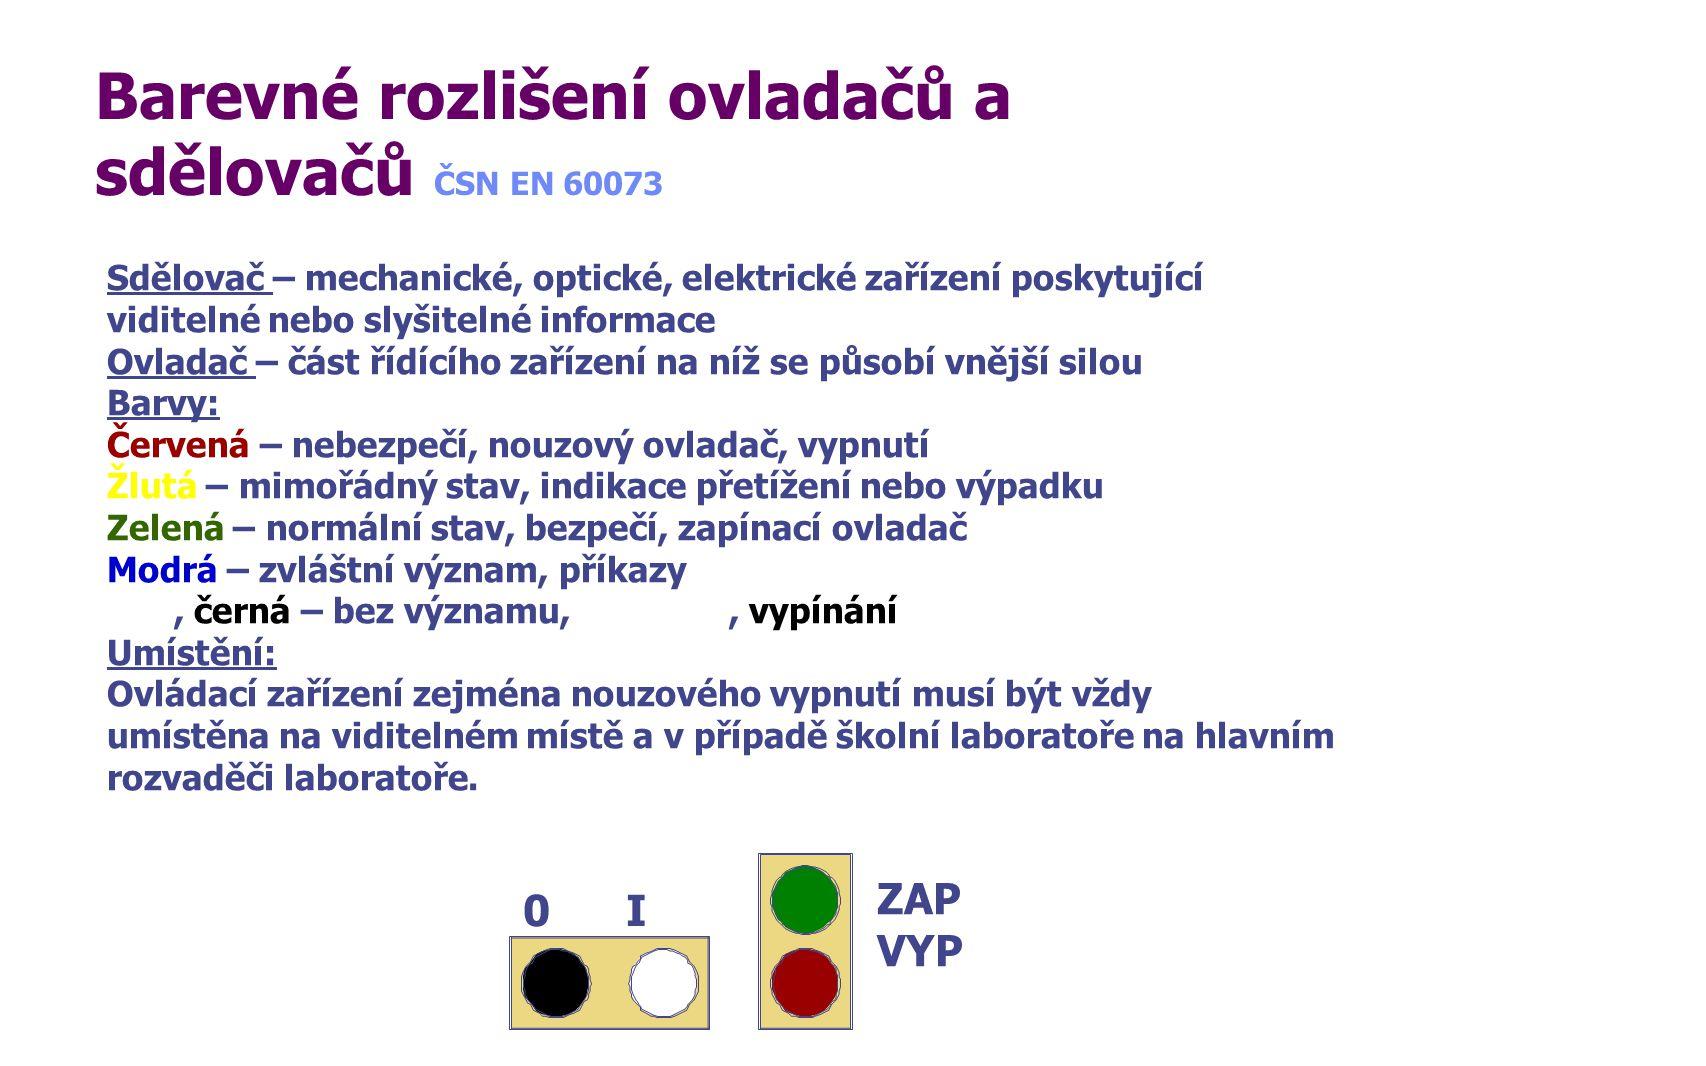 Barevné rozlišení ovladačů a sdělovačů ČSN EN 60073